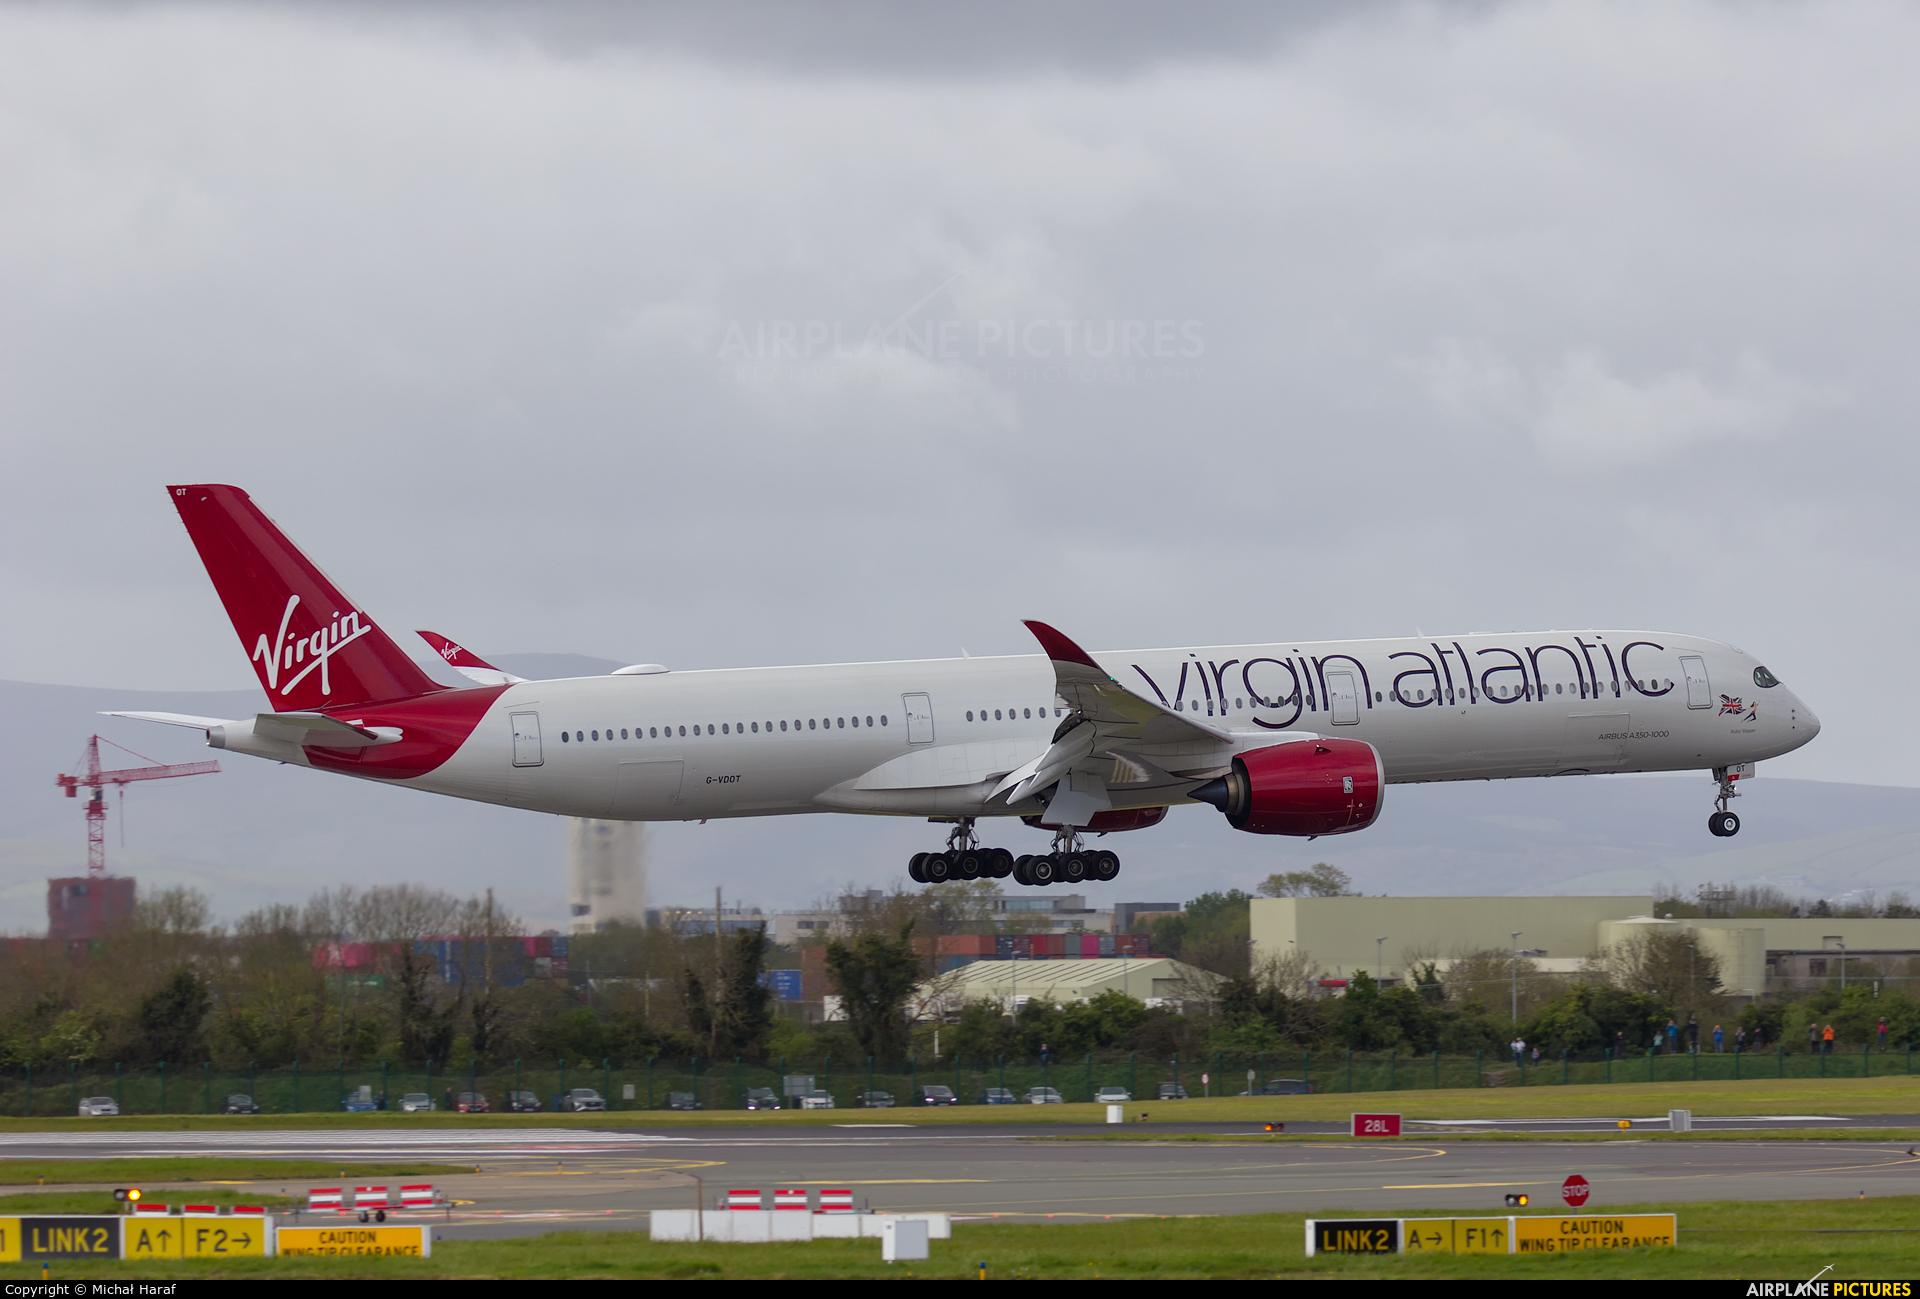 Virgin Atlantic G-VDOT aircraft at Dublin